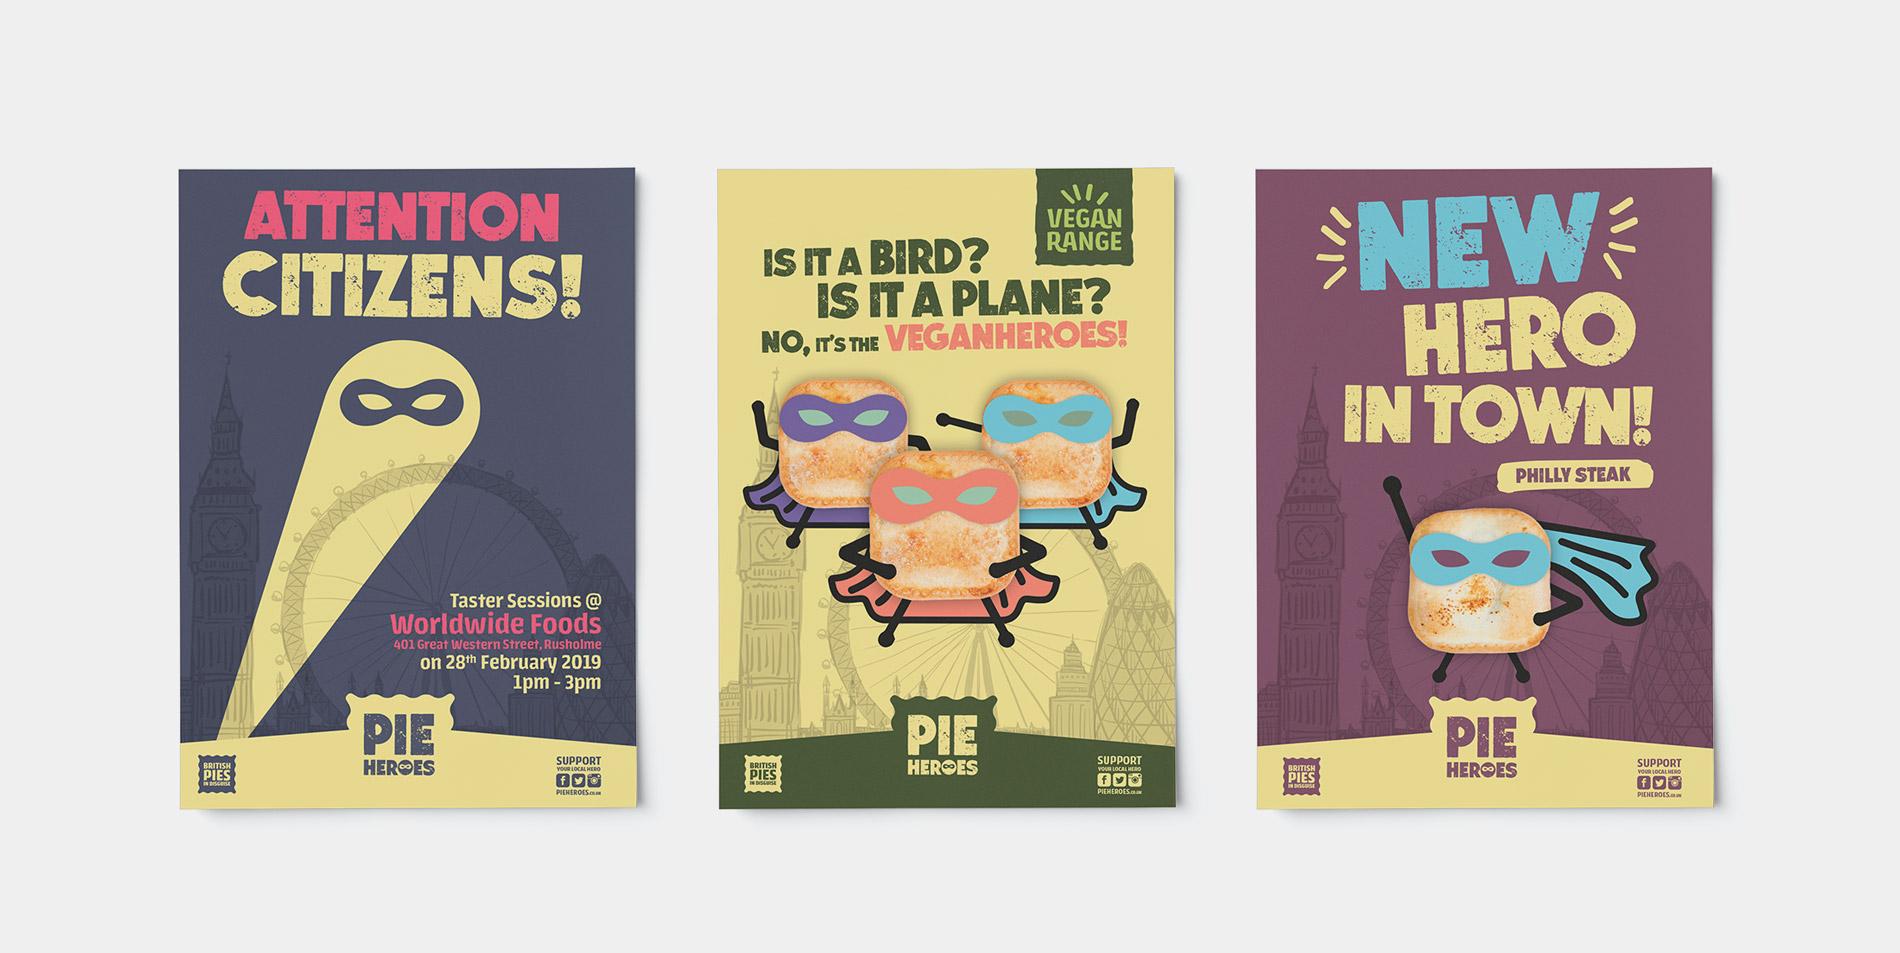 Pie Heroes Posters